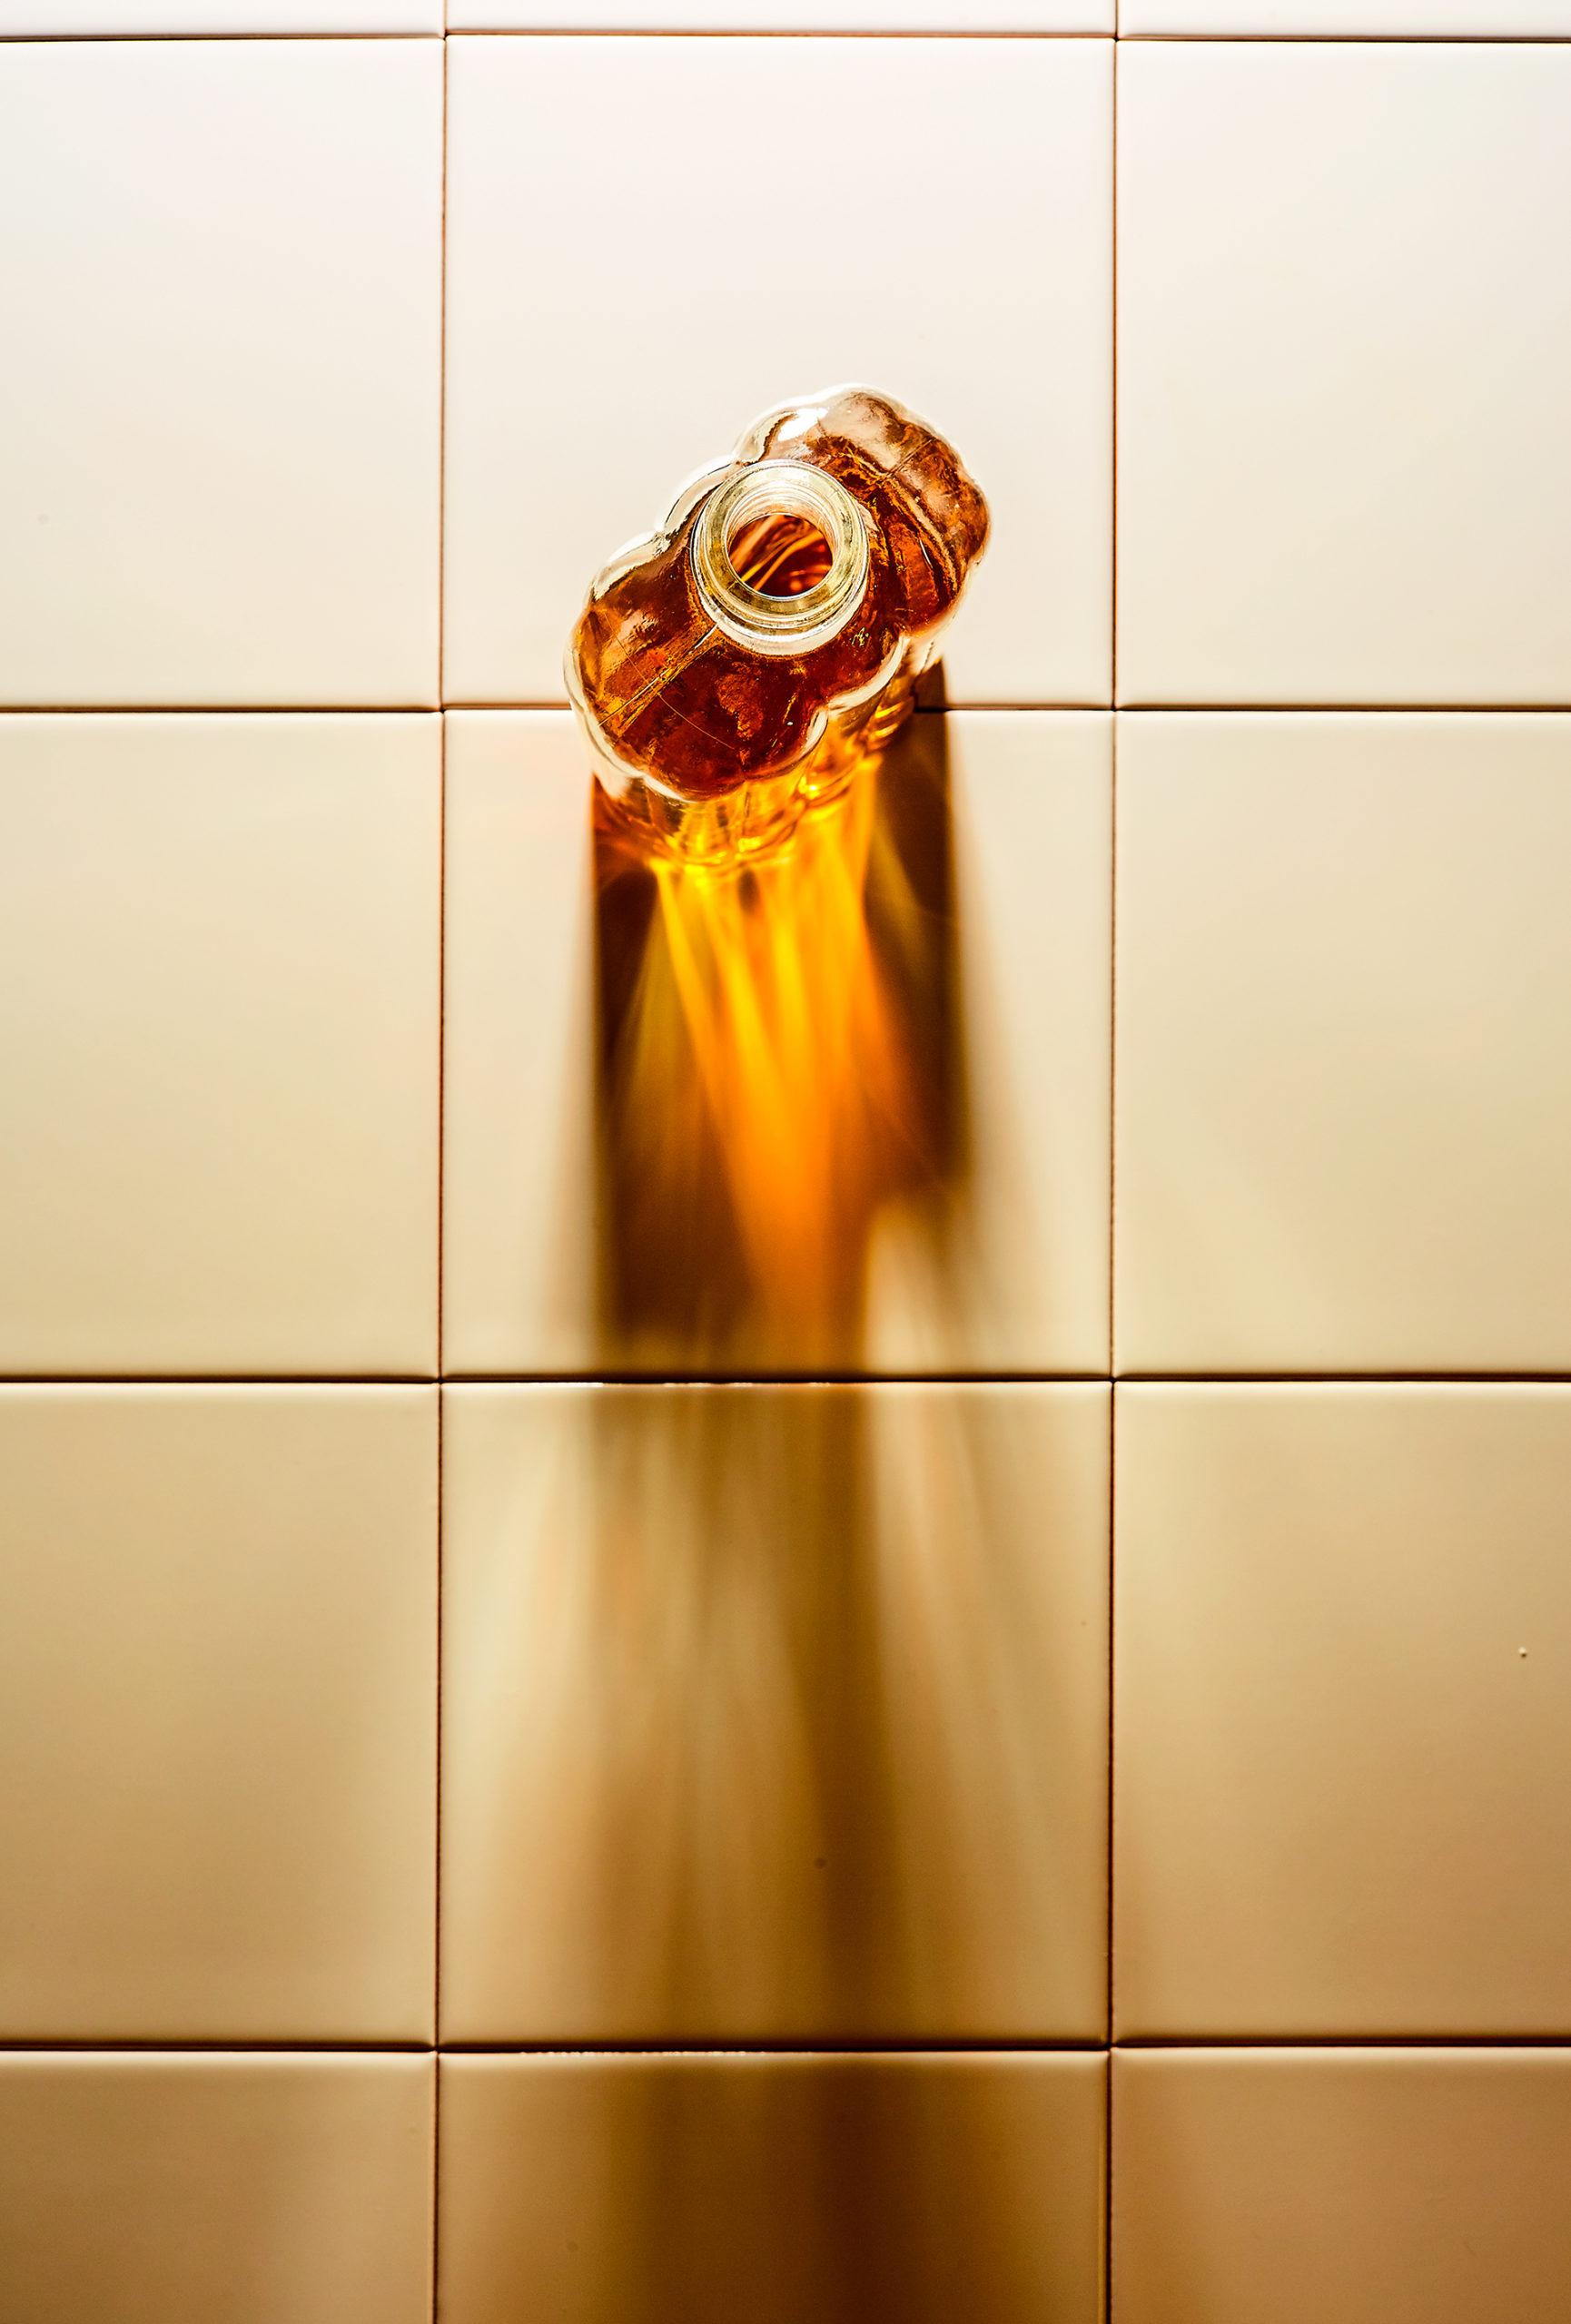 L'acqua della vita whisky L'acqua della vita . A riprova delle origini del whisky, il nome nasce dalle parole gaeliche uisge beatha, che significano acqua della vita.